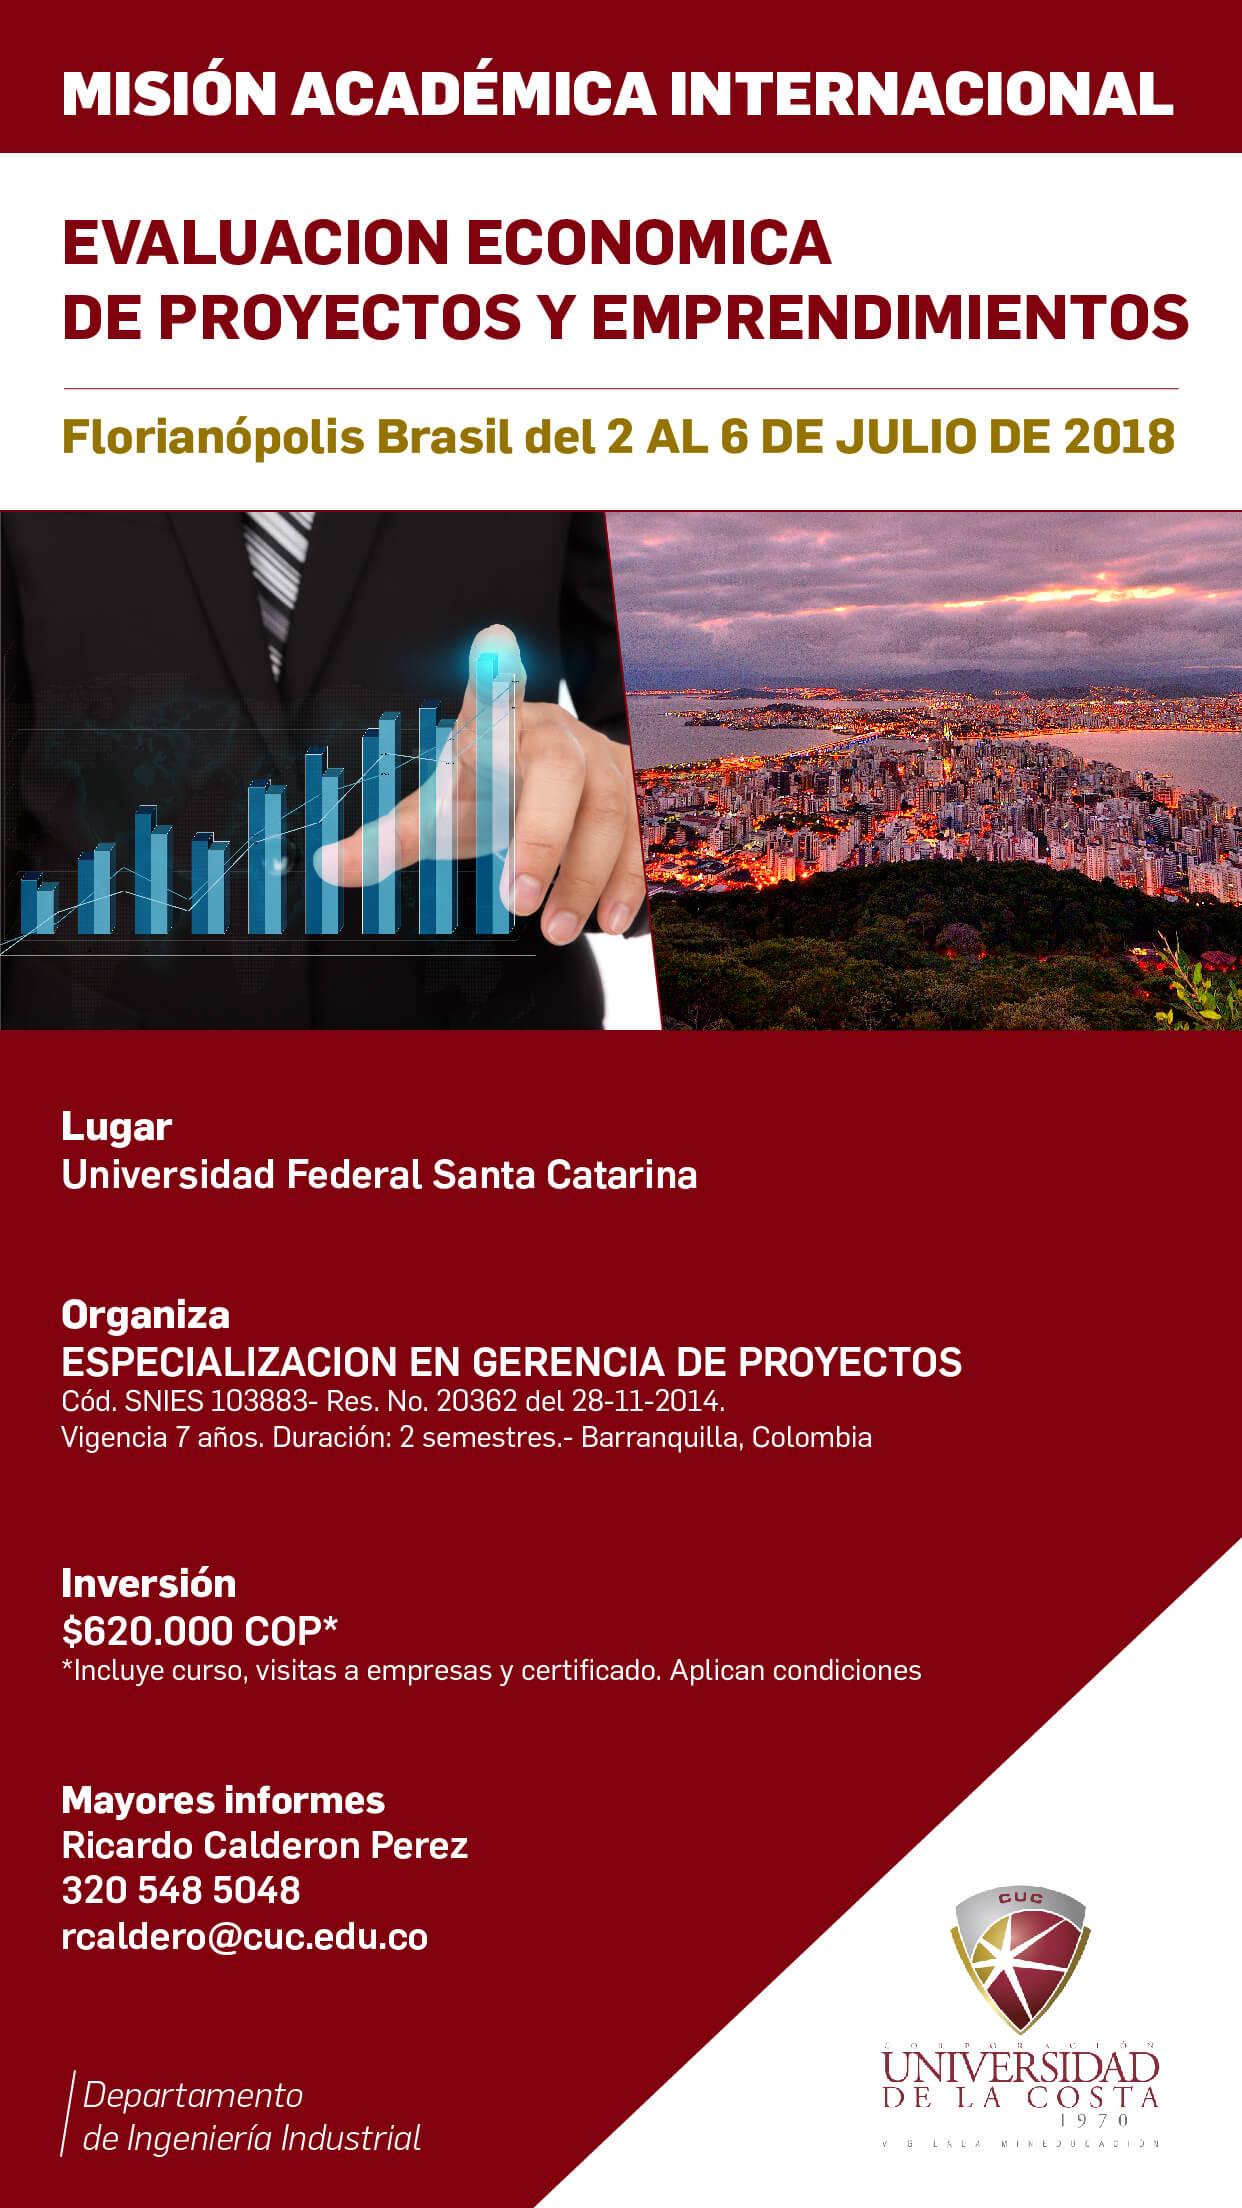 Misión académica internacional en: Evaluación Económica en Proyectos y Emprendimientos